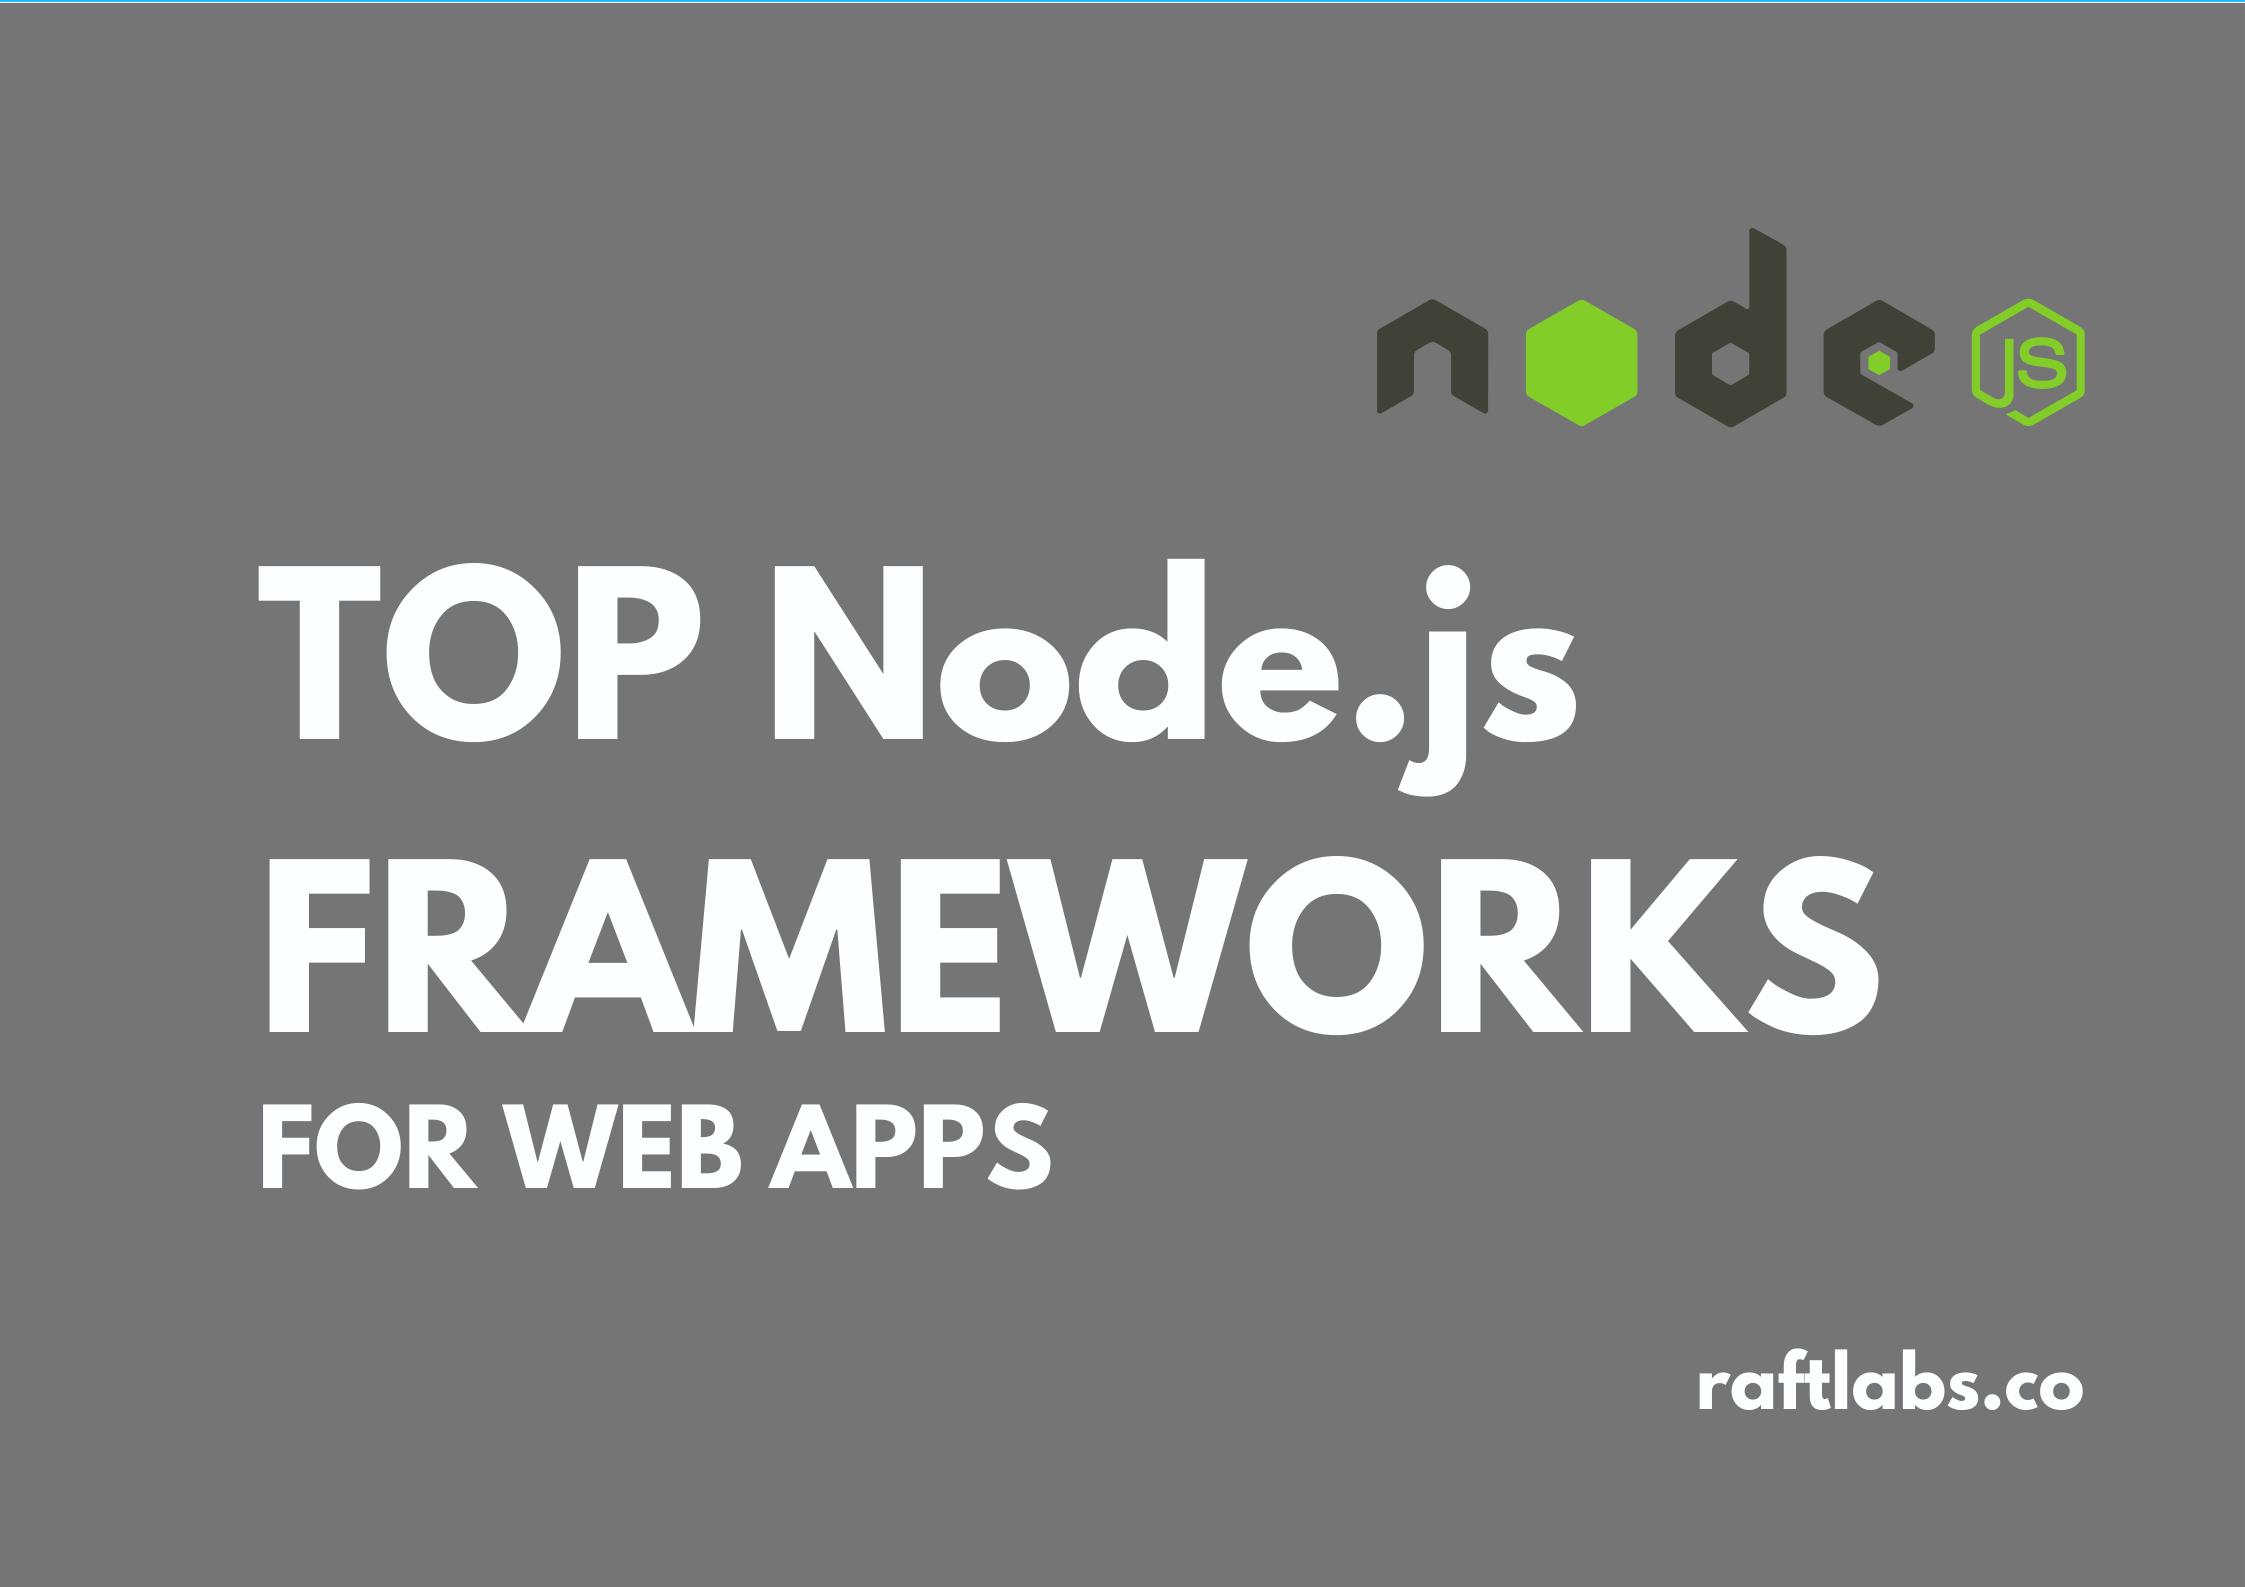 Top Node.js frameworks for web apps with node.js logo - raftlabs.co